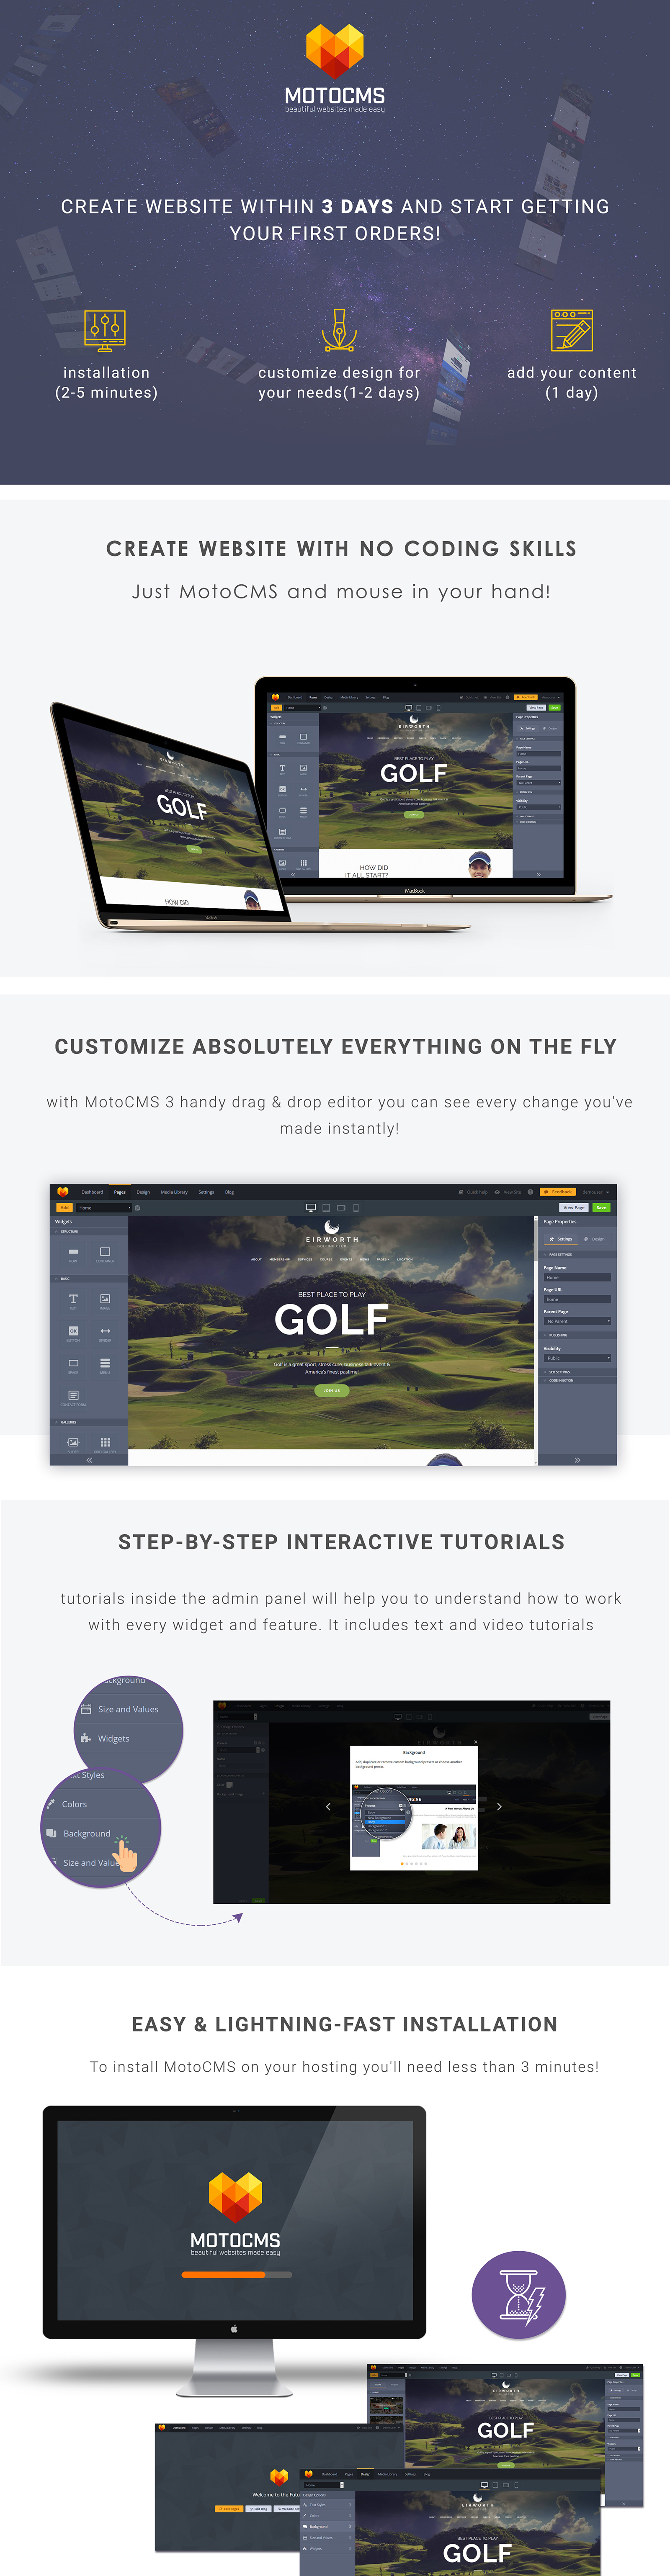 Eirworth - Golfing Club Moto CMS 3 Template